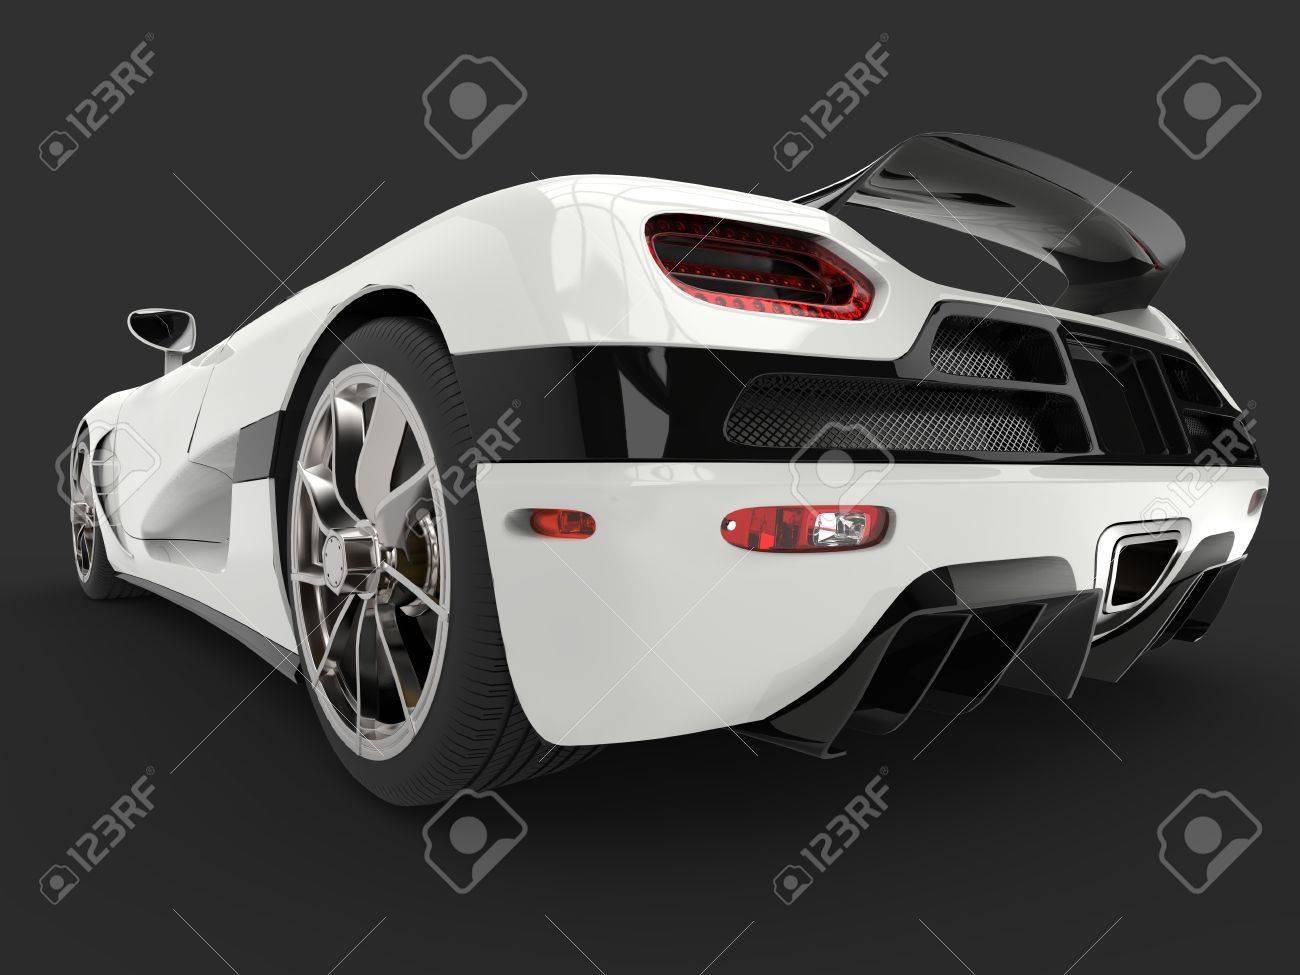 futuristischer supersportwagen - kosmischer weißer lack - low angle